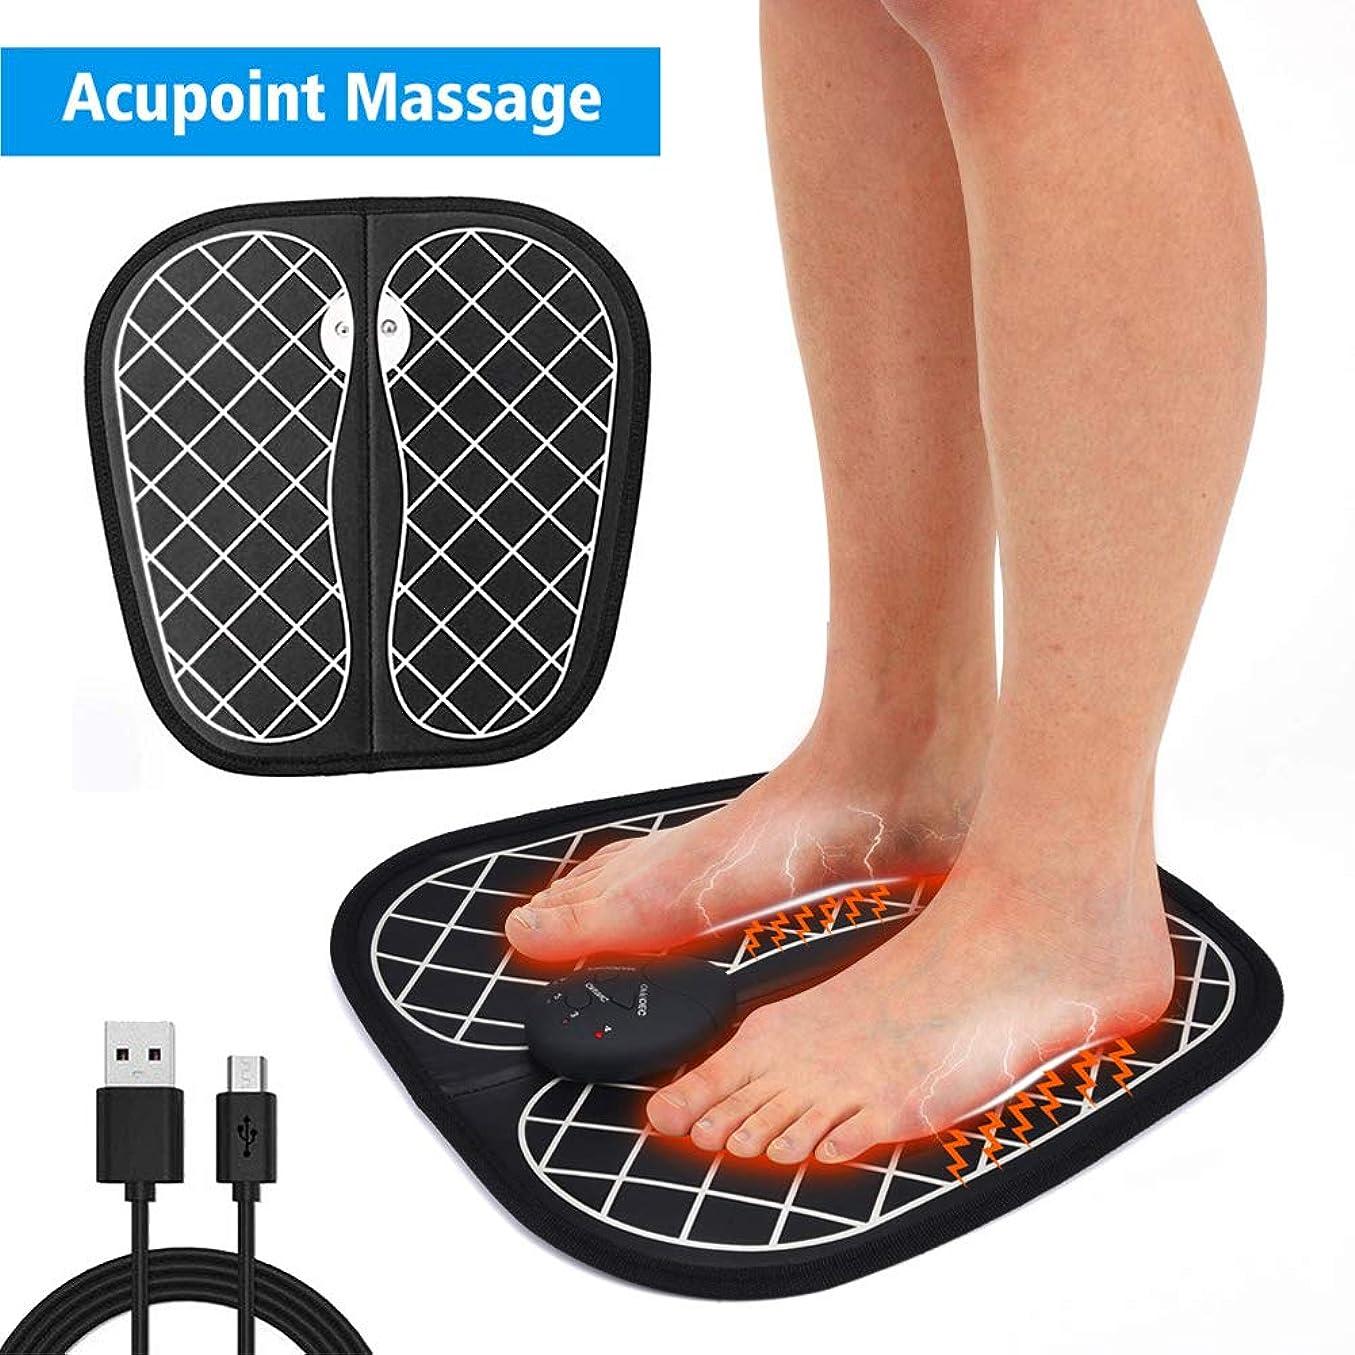 ダーツ交換可能抵抗力があるEMSフットマッサージャー、フットマッサージャー、ABSパッド、USB充電、リラクゼーション、血液循環の促進、足の疲労の緩和,A